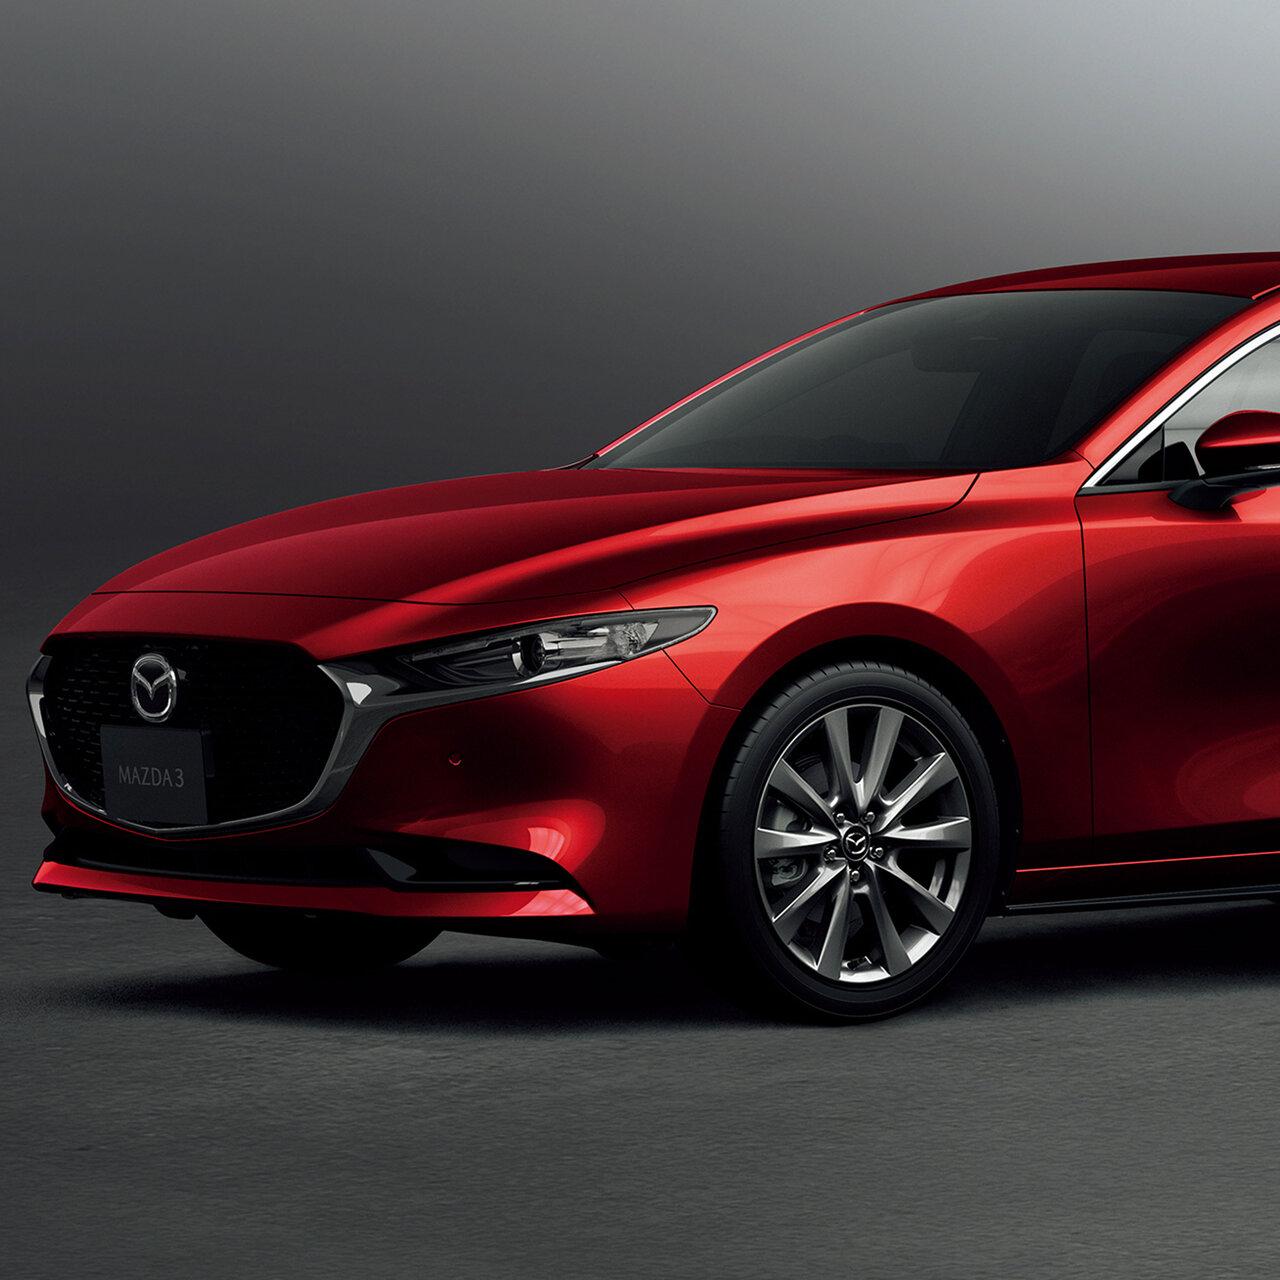 マツダ、「MAZDA3 Sedan」に1.5Lガソリンモデルを追加 Mazda